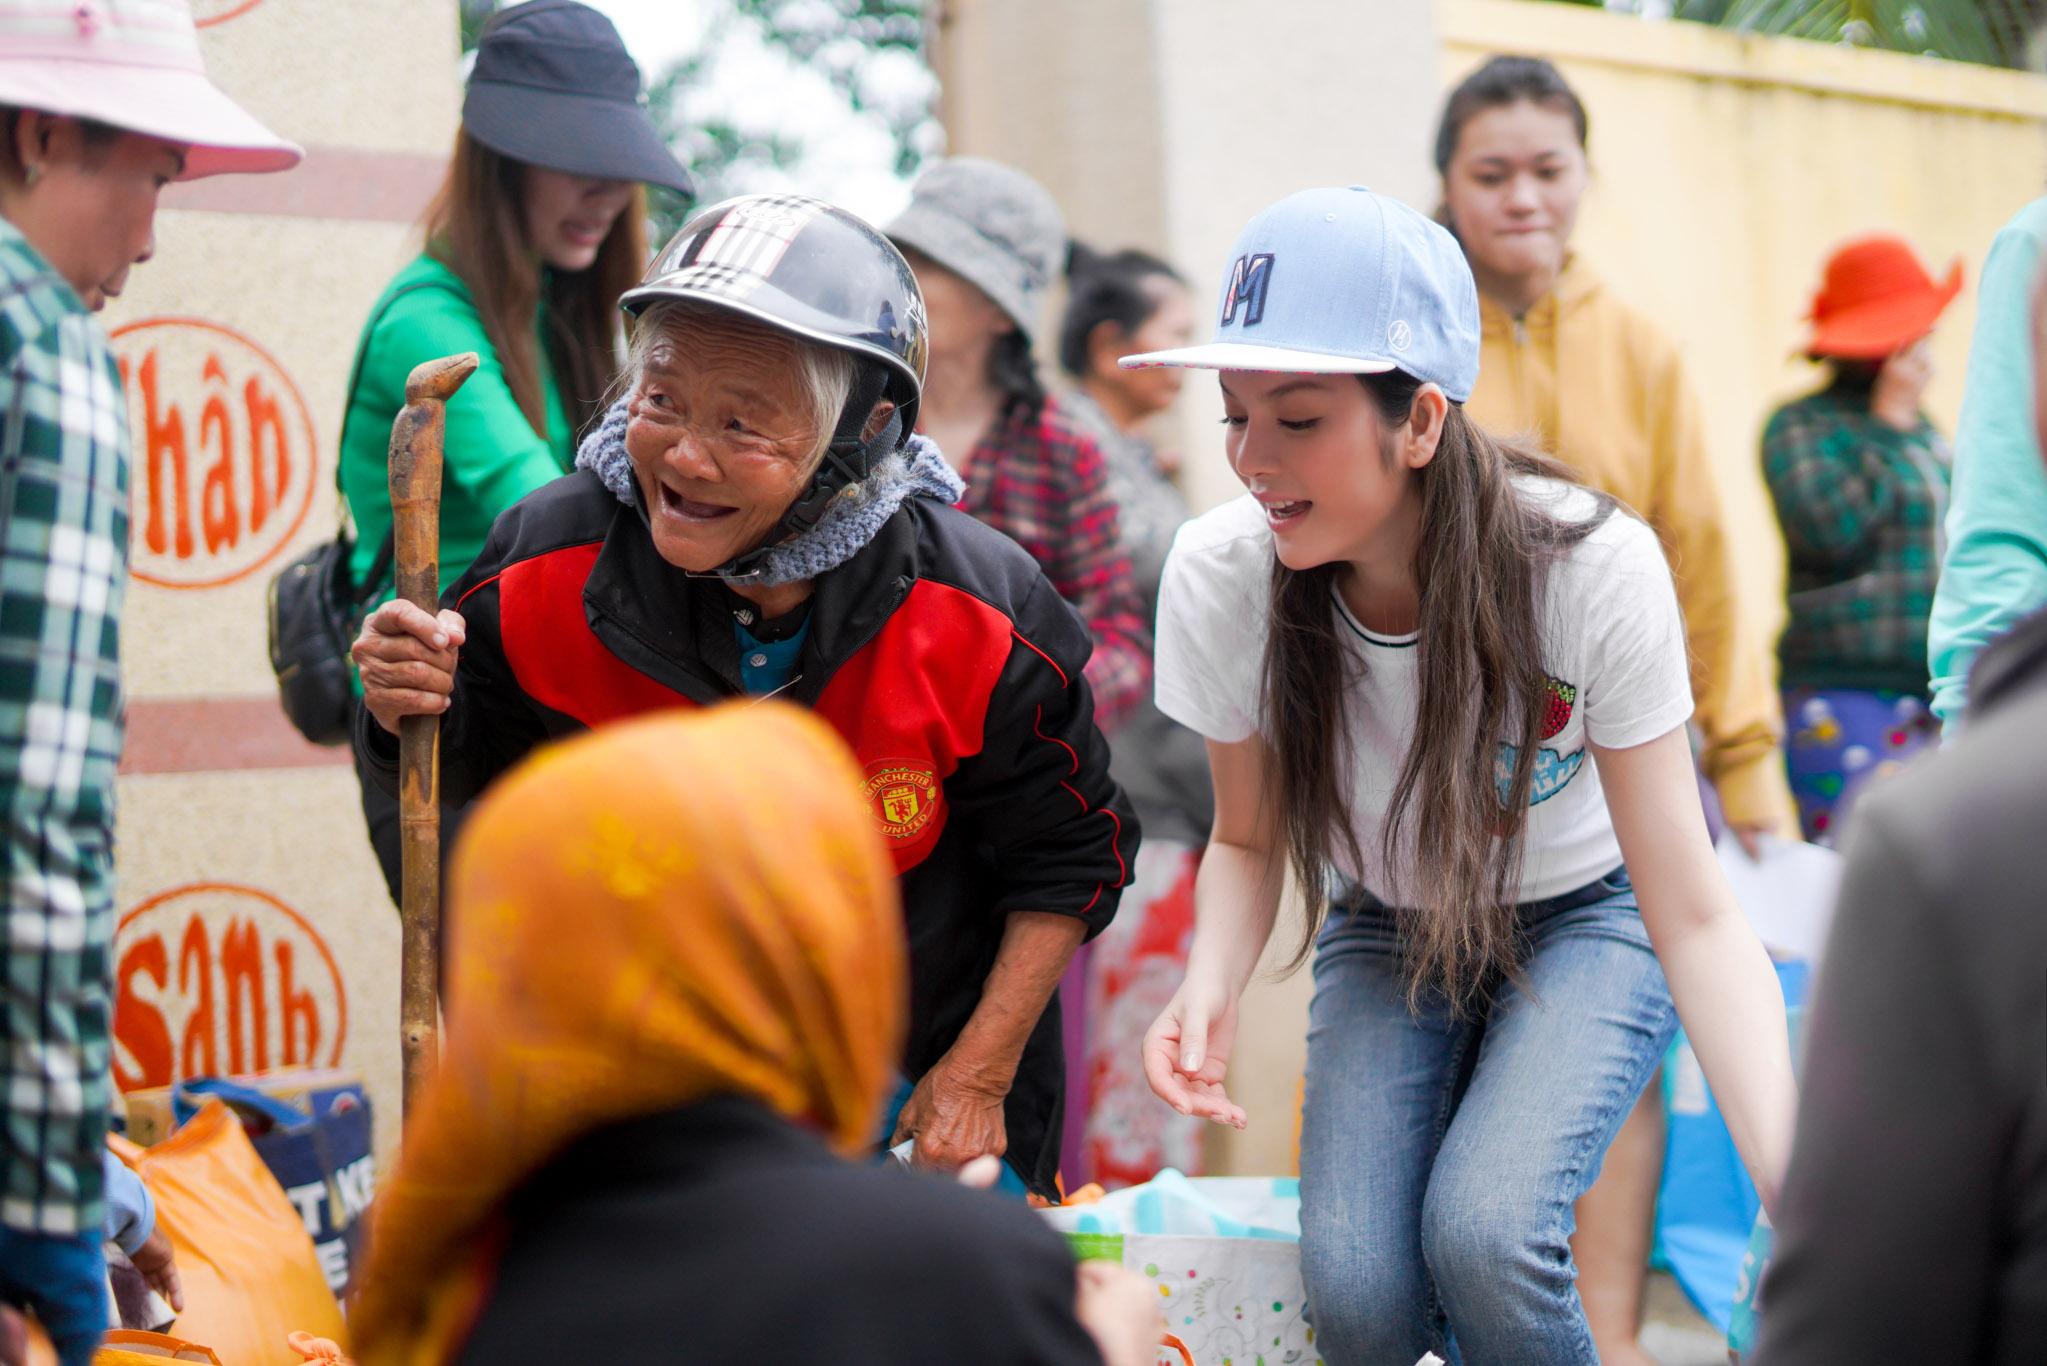 Lý Nhã Kỳ giản dị mà vẫn rạng rỡ trong chuyến từ thiện ở Khánh Hòa